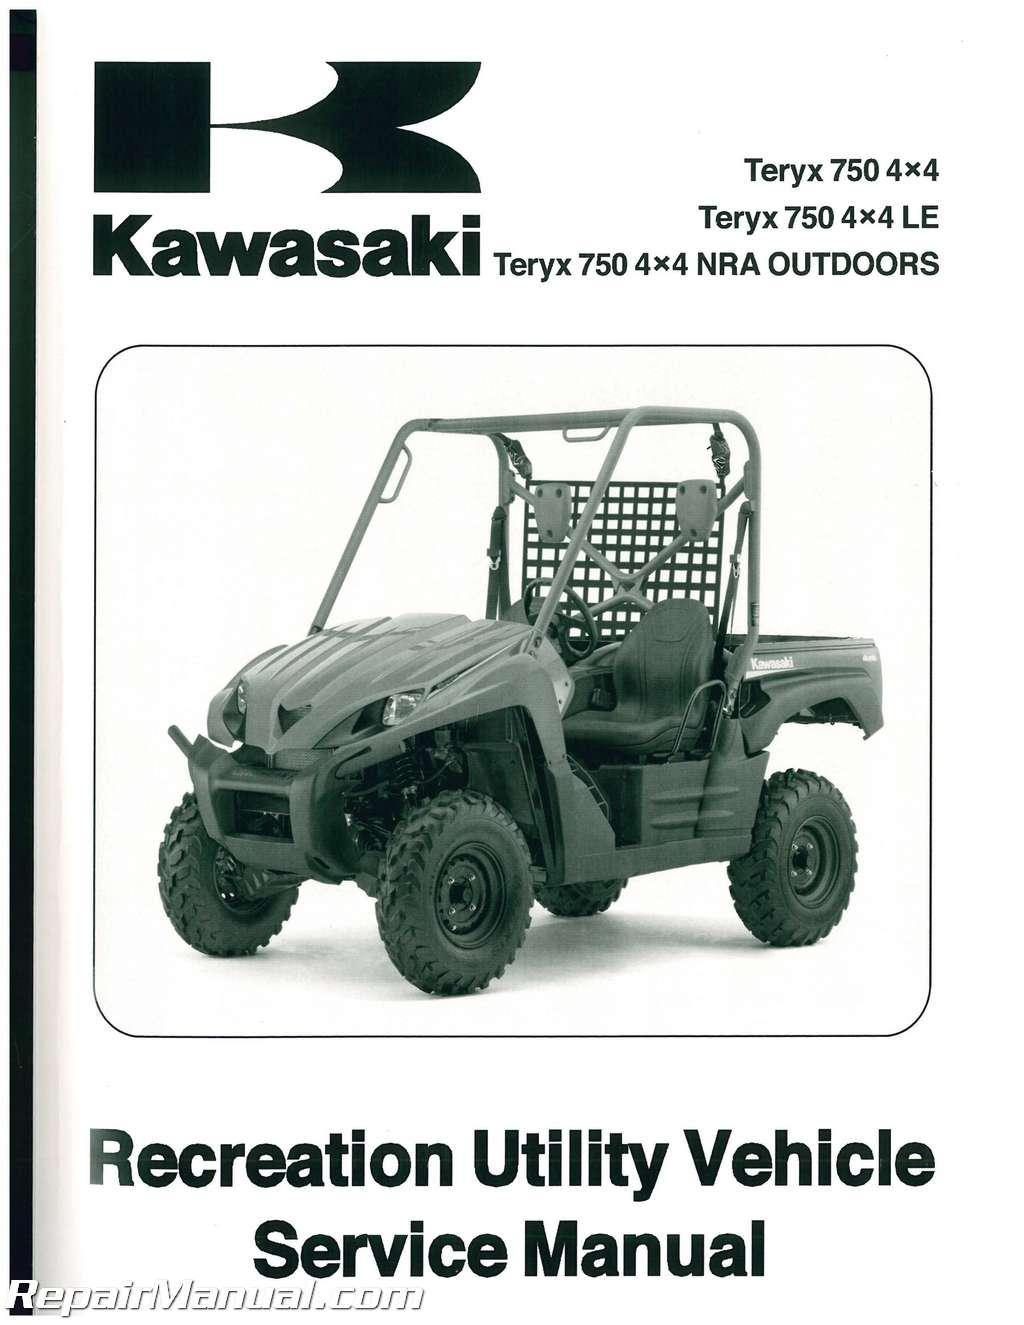 ... 2013 krt750 utv Array - 2008 kawasaki krf750a b teryx utv service manual  rh repairmanual com Array - 2009 kawasaki teryx 750 fi 4x4 le ...